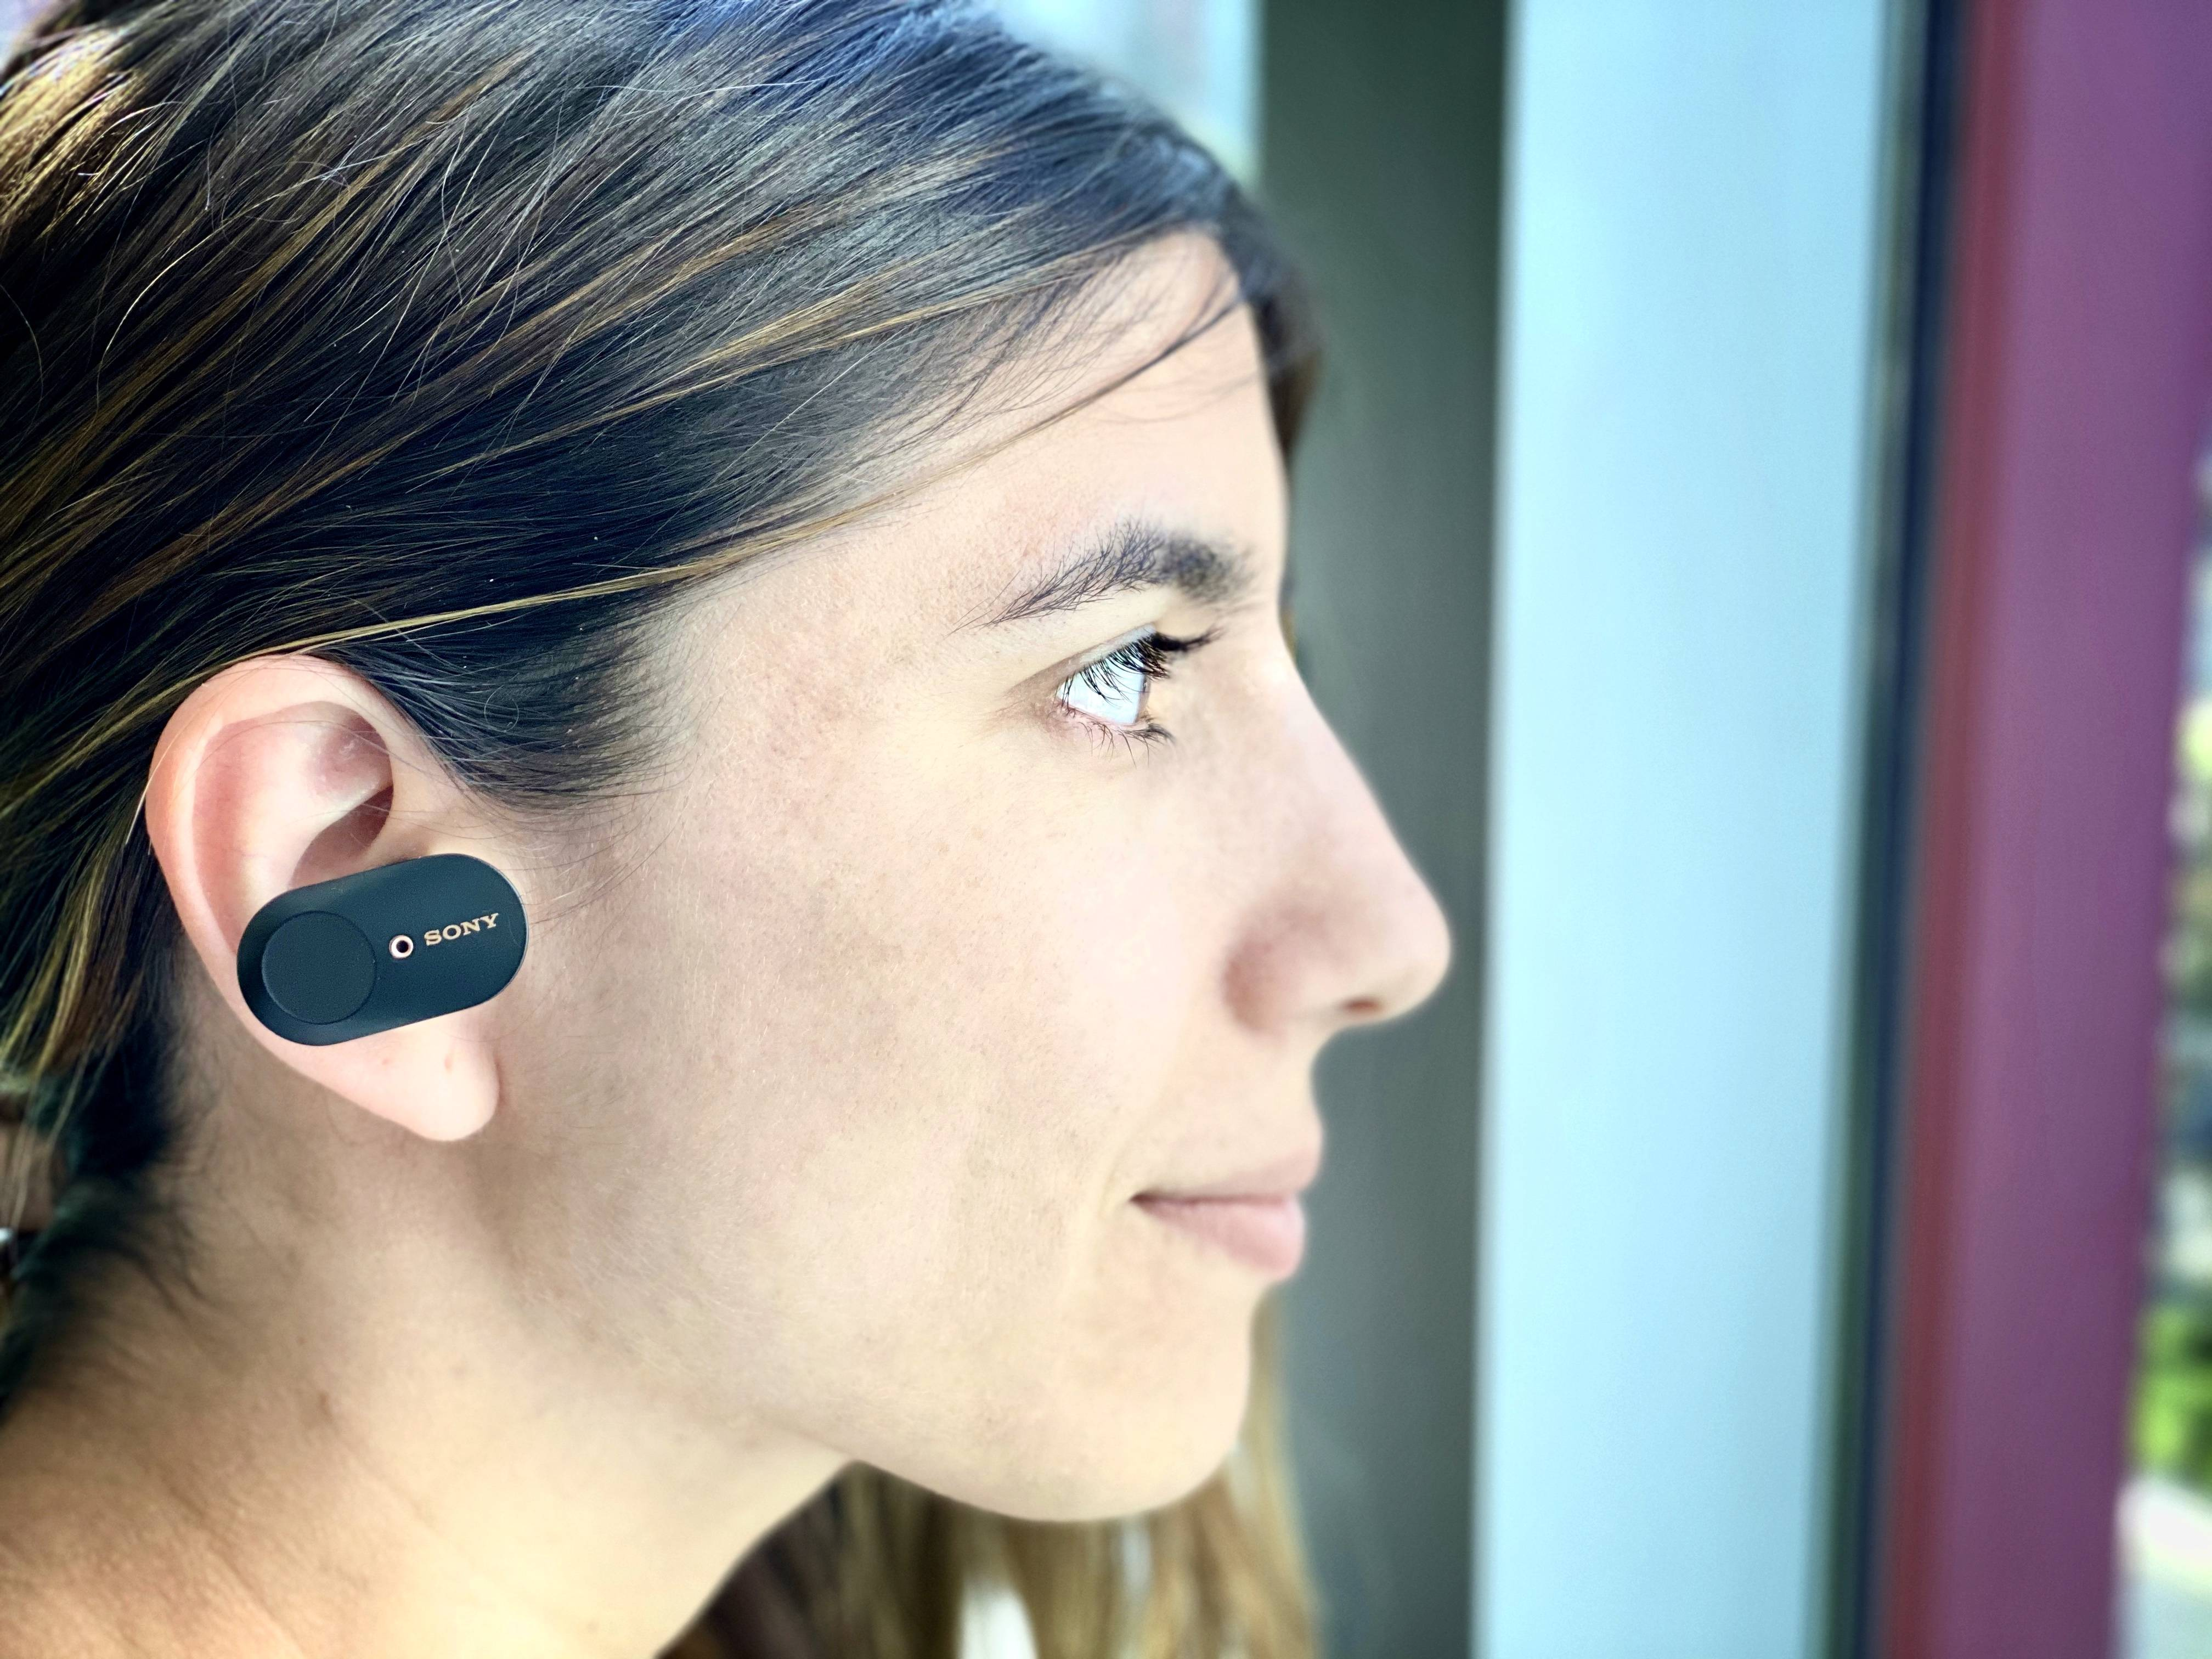 Una opción muy 'pro': review de los audífonos inalámbricos Sony WF-1000XM3 [FW Labs]